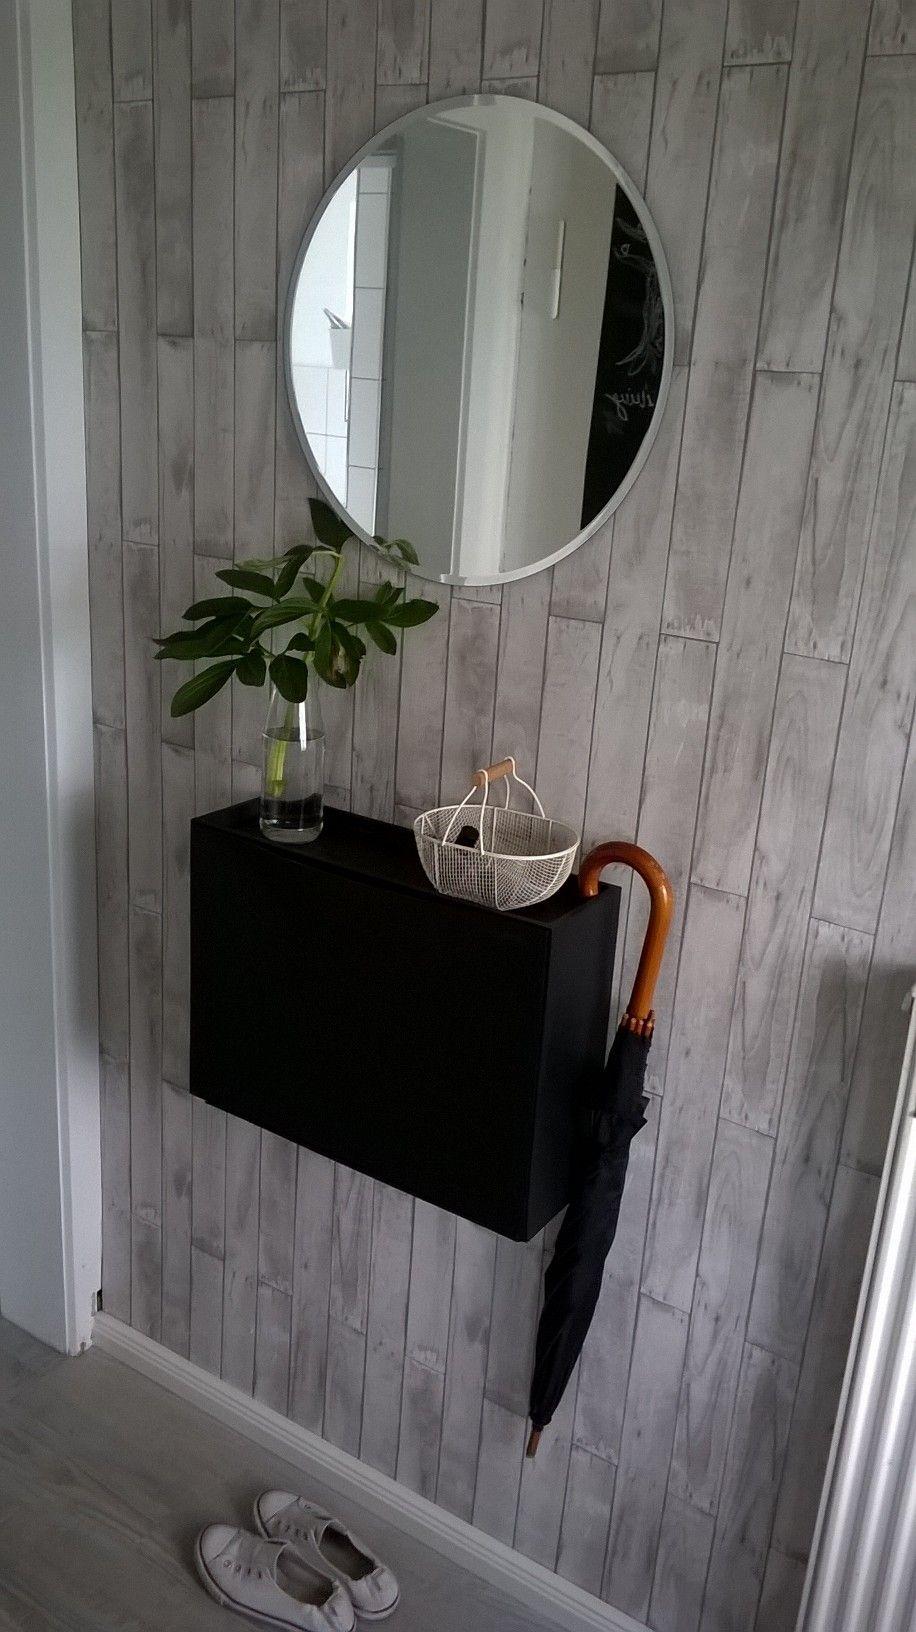 die besten 25 ikea schuhaufbewahrung ideen auf pinterest aufbewahrung schuhe aufbewahrung. Black Bedroom Furniture Sets. Home Design Ideas